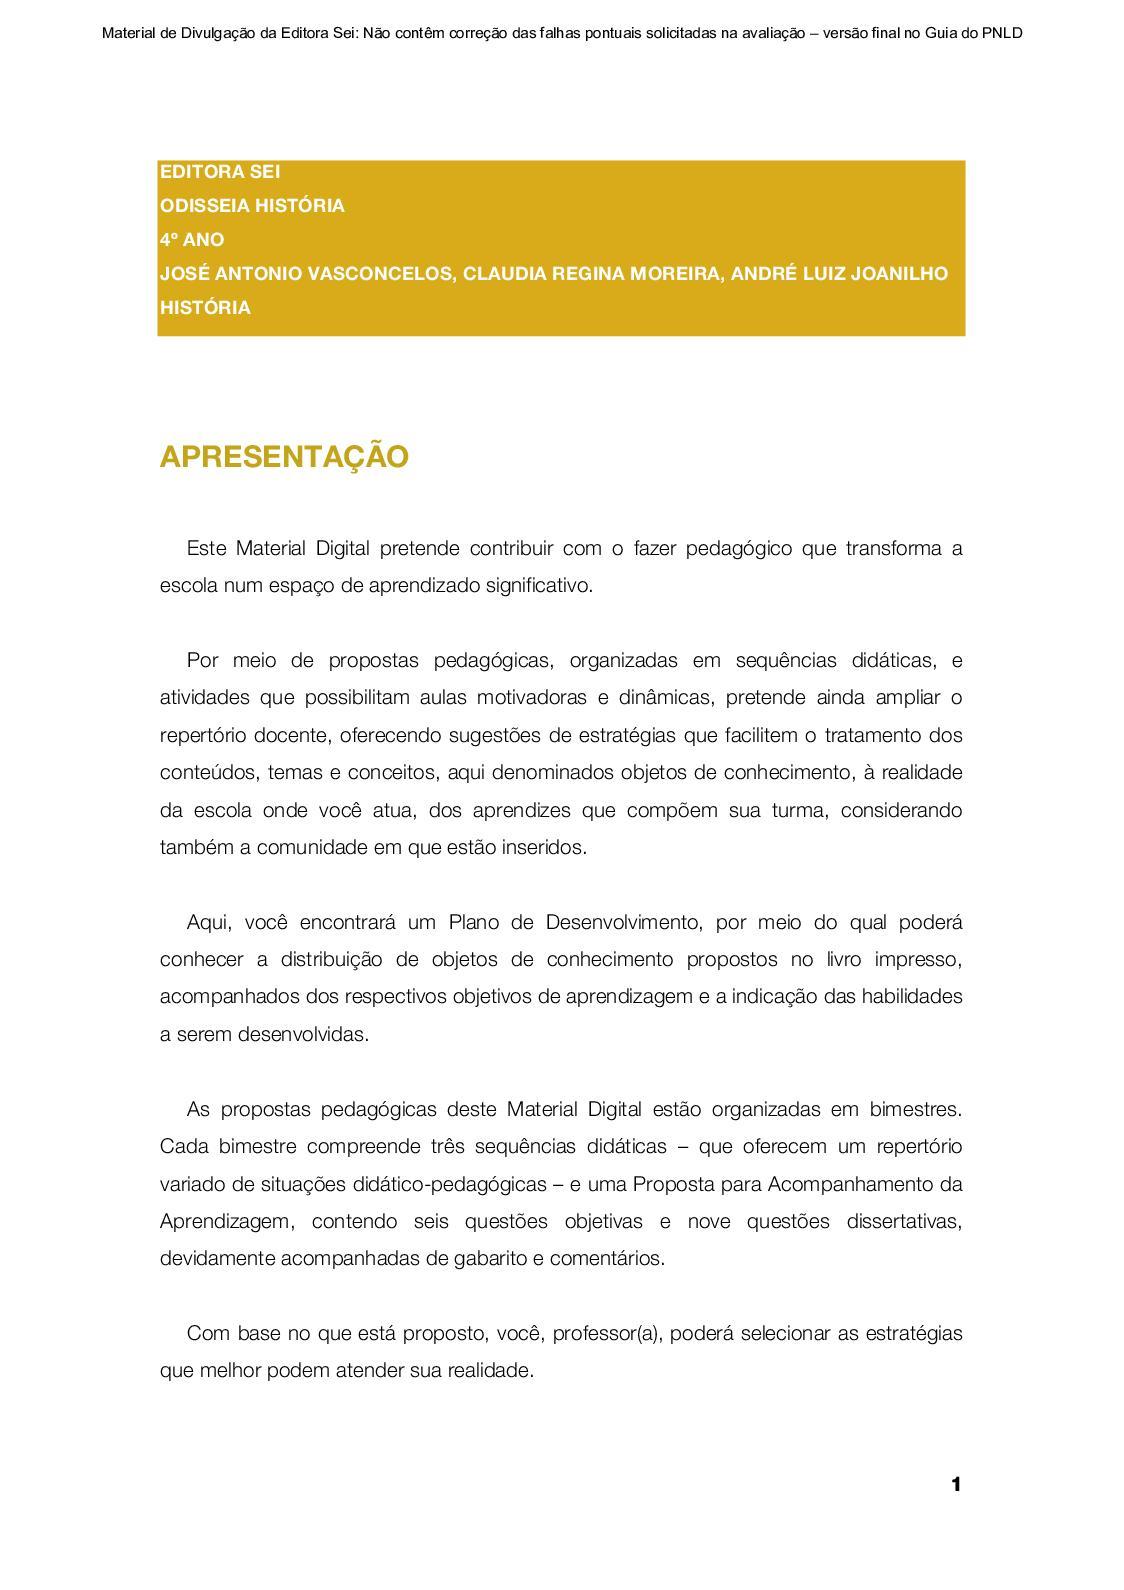 Calaméo - Material Digital  Odisseia - História 4º ano 56710fa424f0b